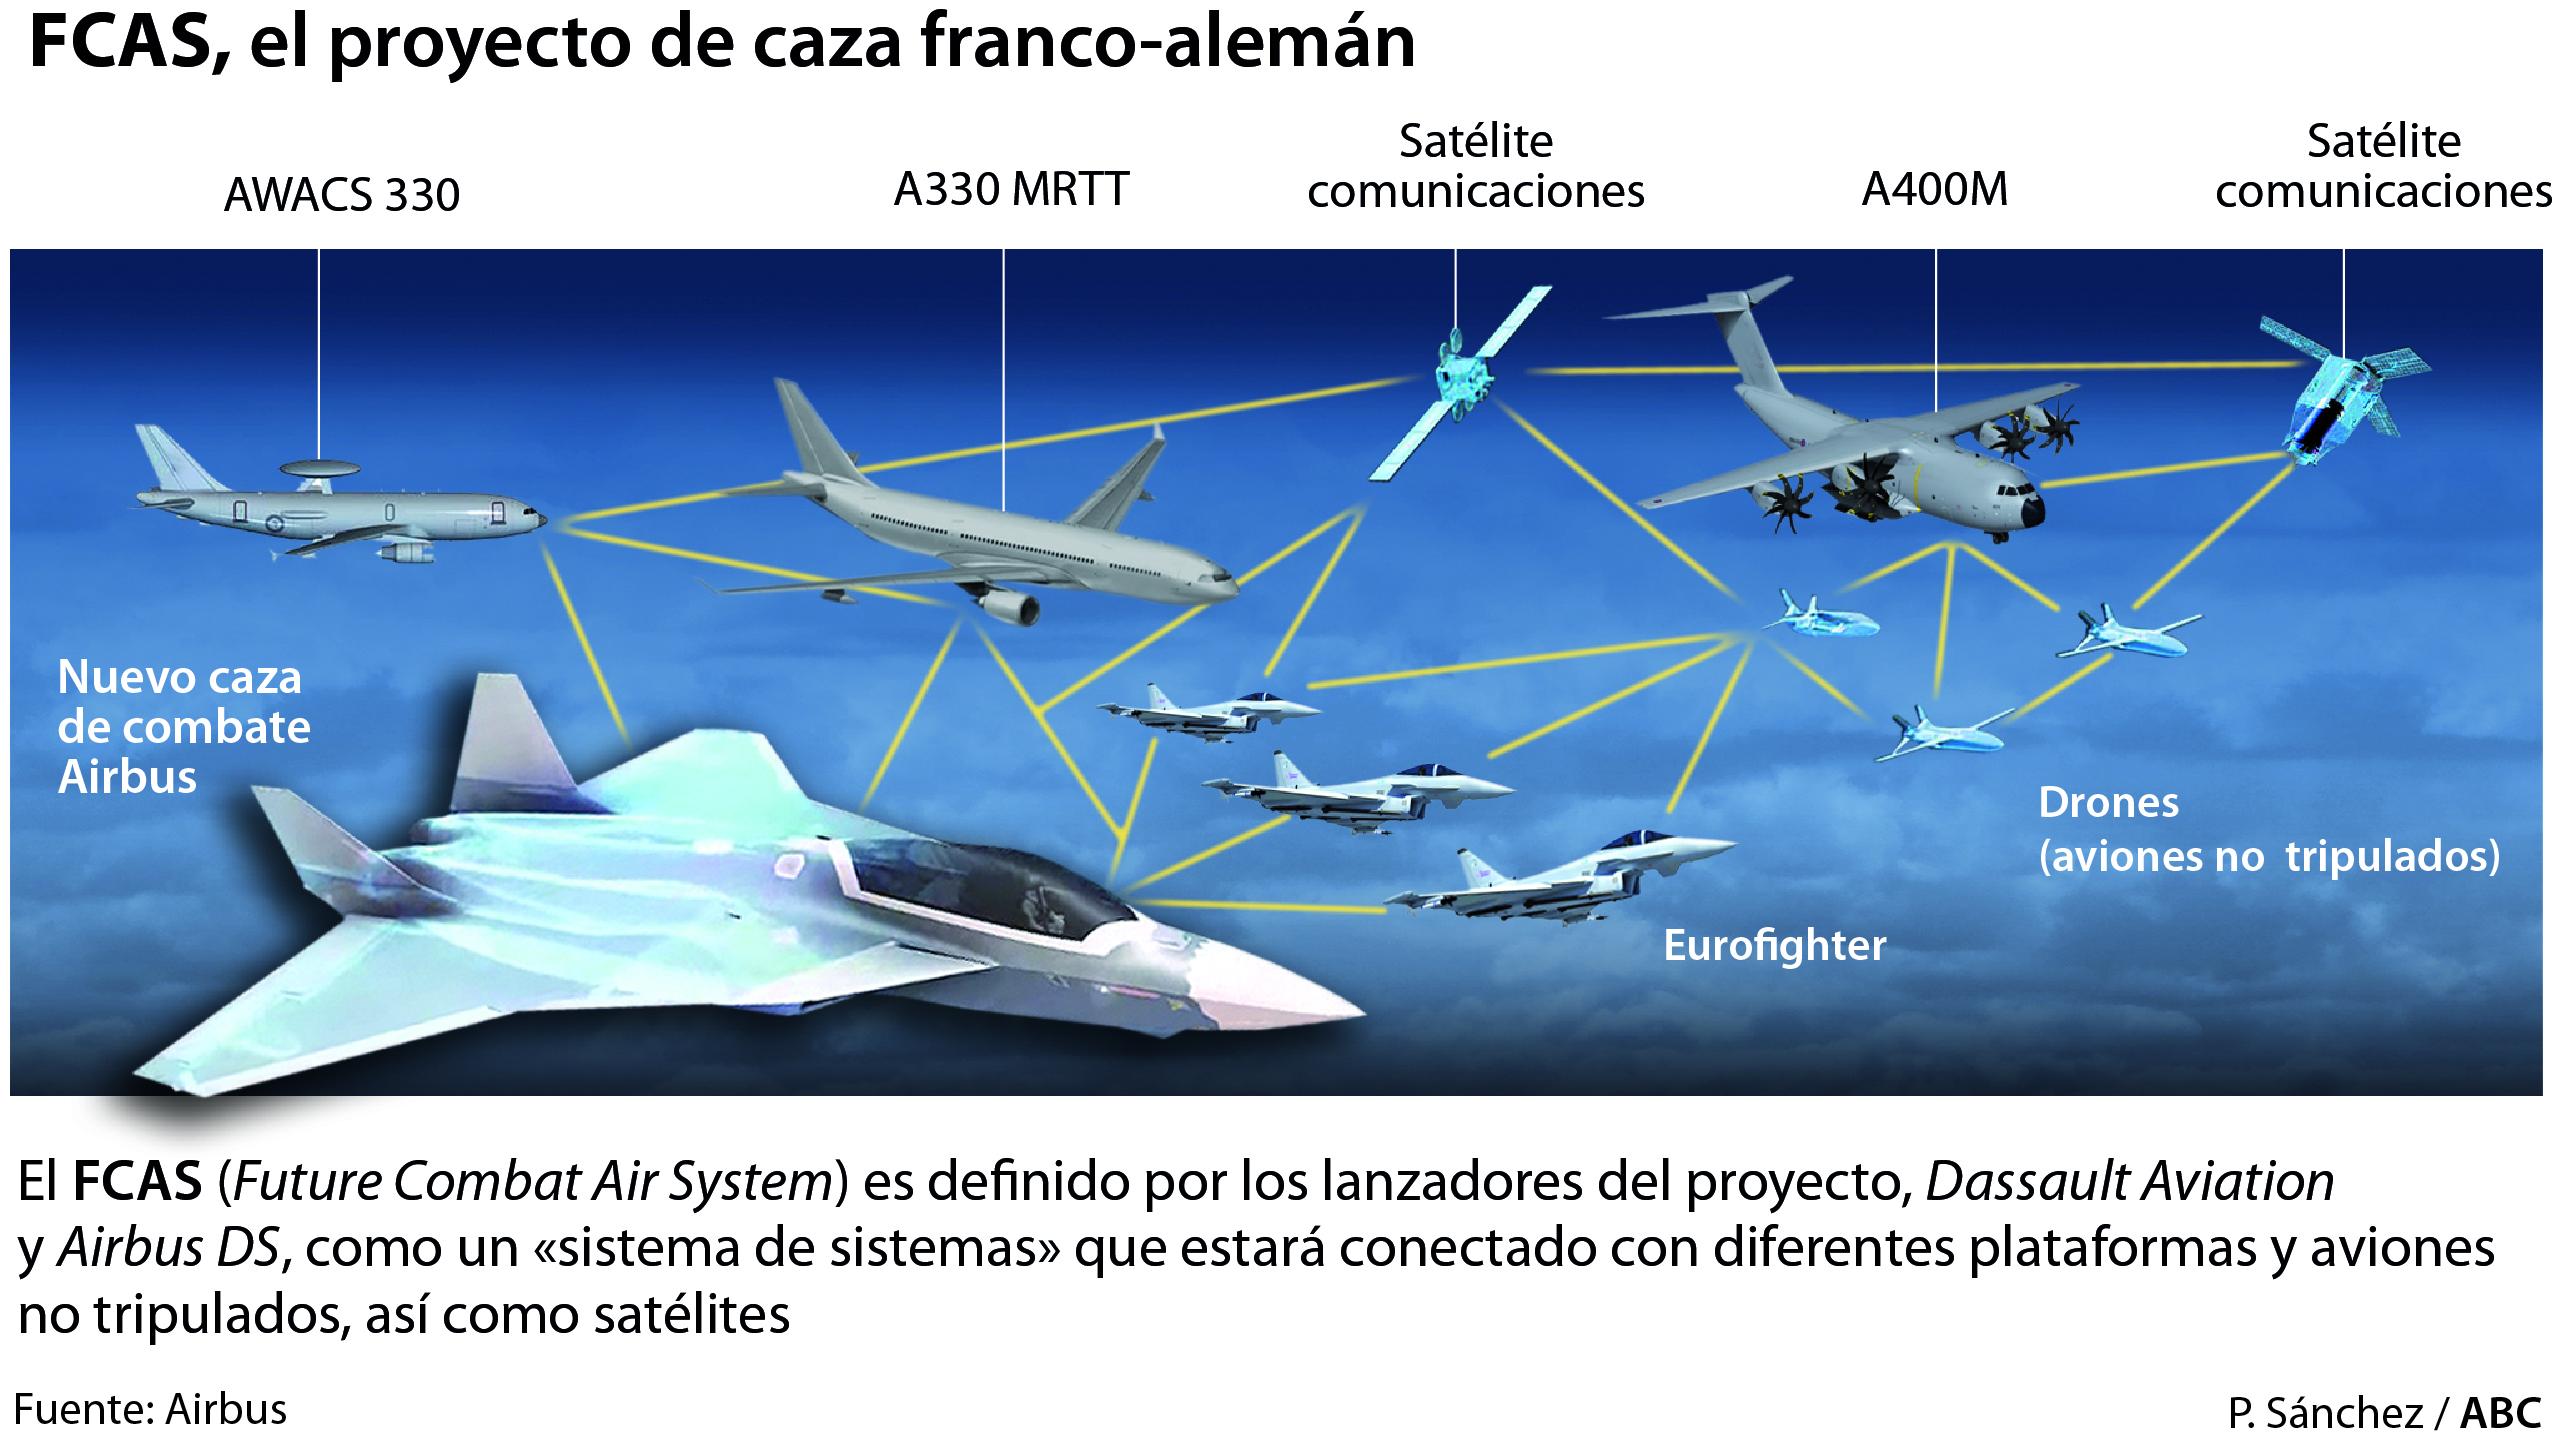 Francia y Alemania relegan a España del futuro caza europeo